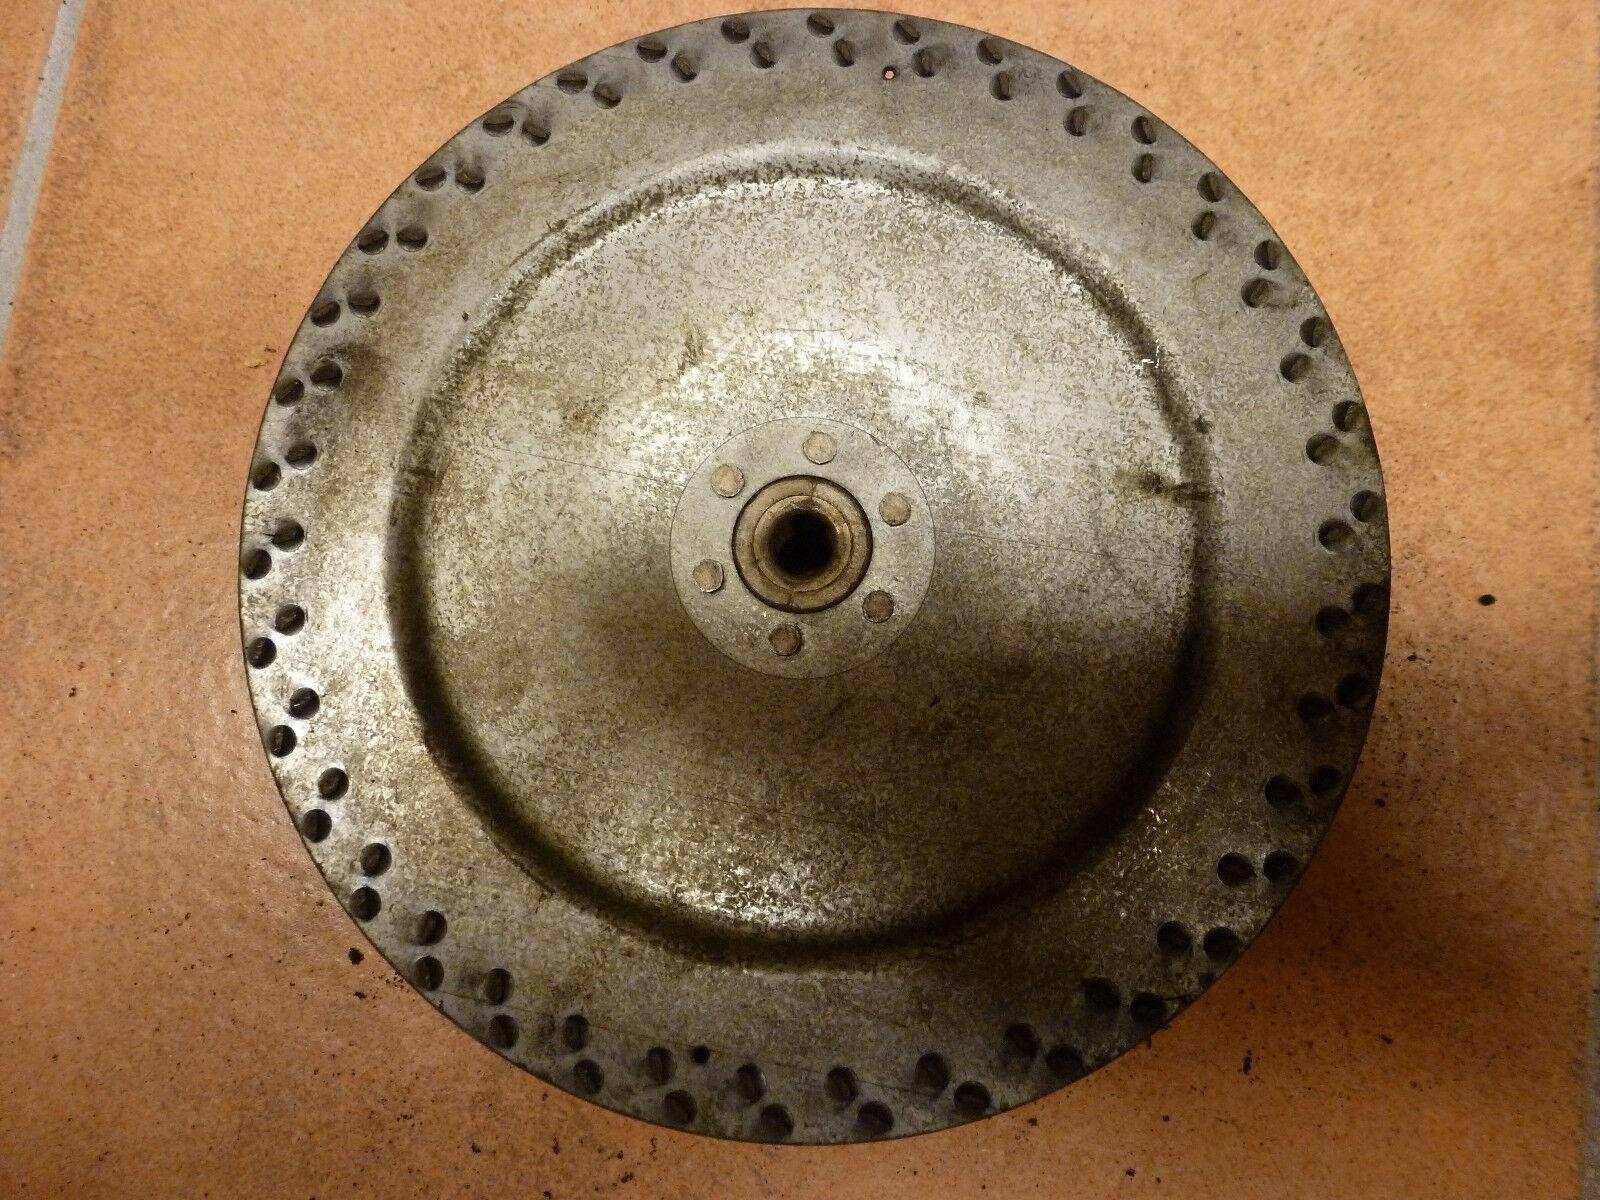 Gebläserad MAN RE.1.3  Ölbrenner bluebrenner  2.7-3.2kg h